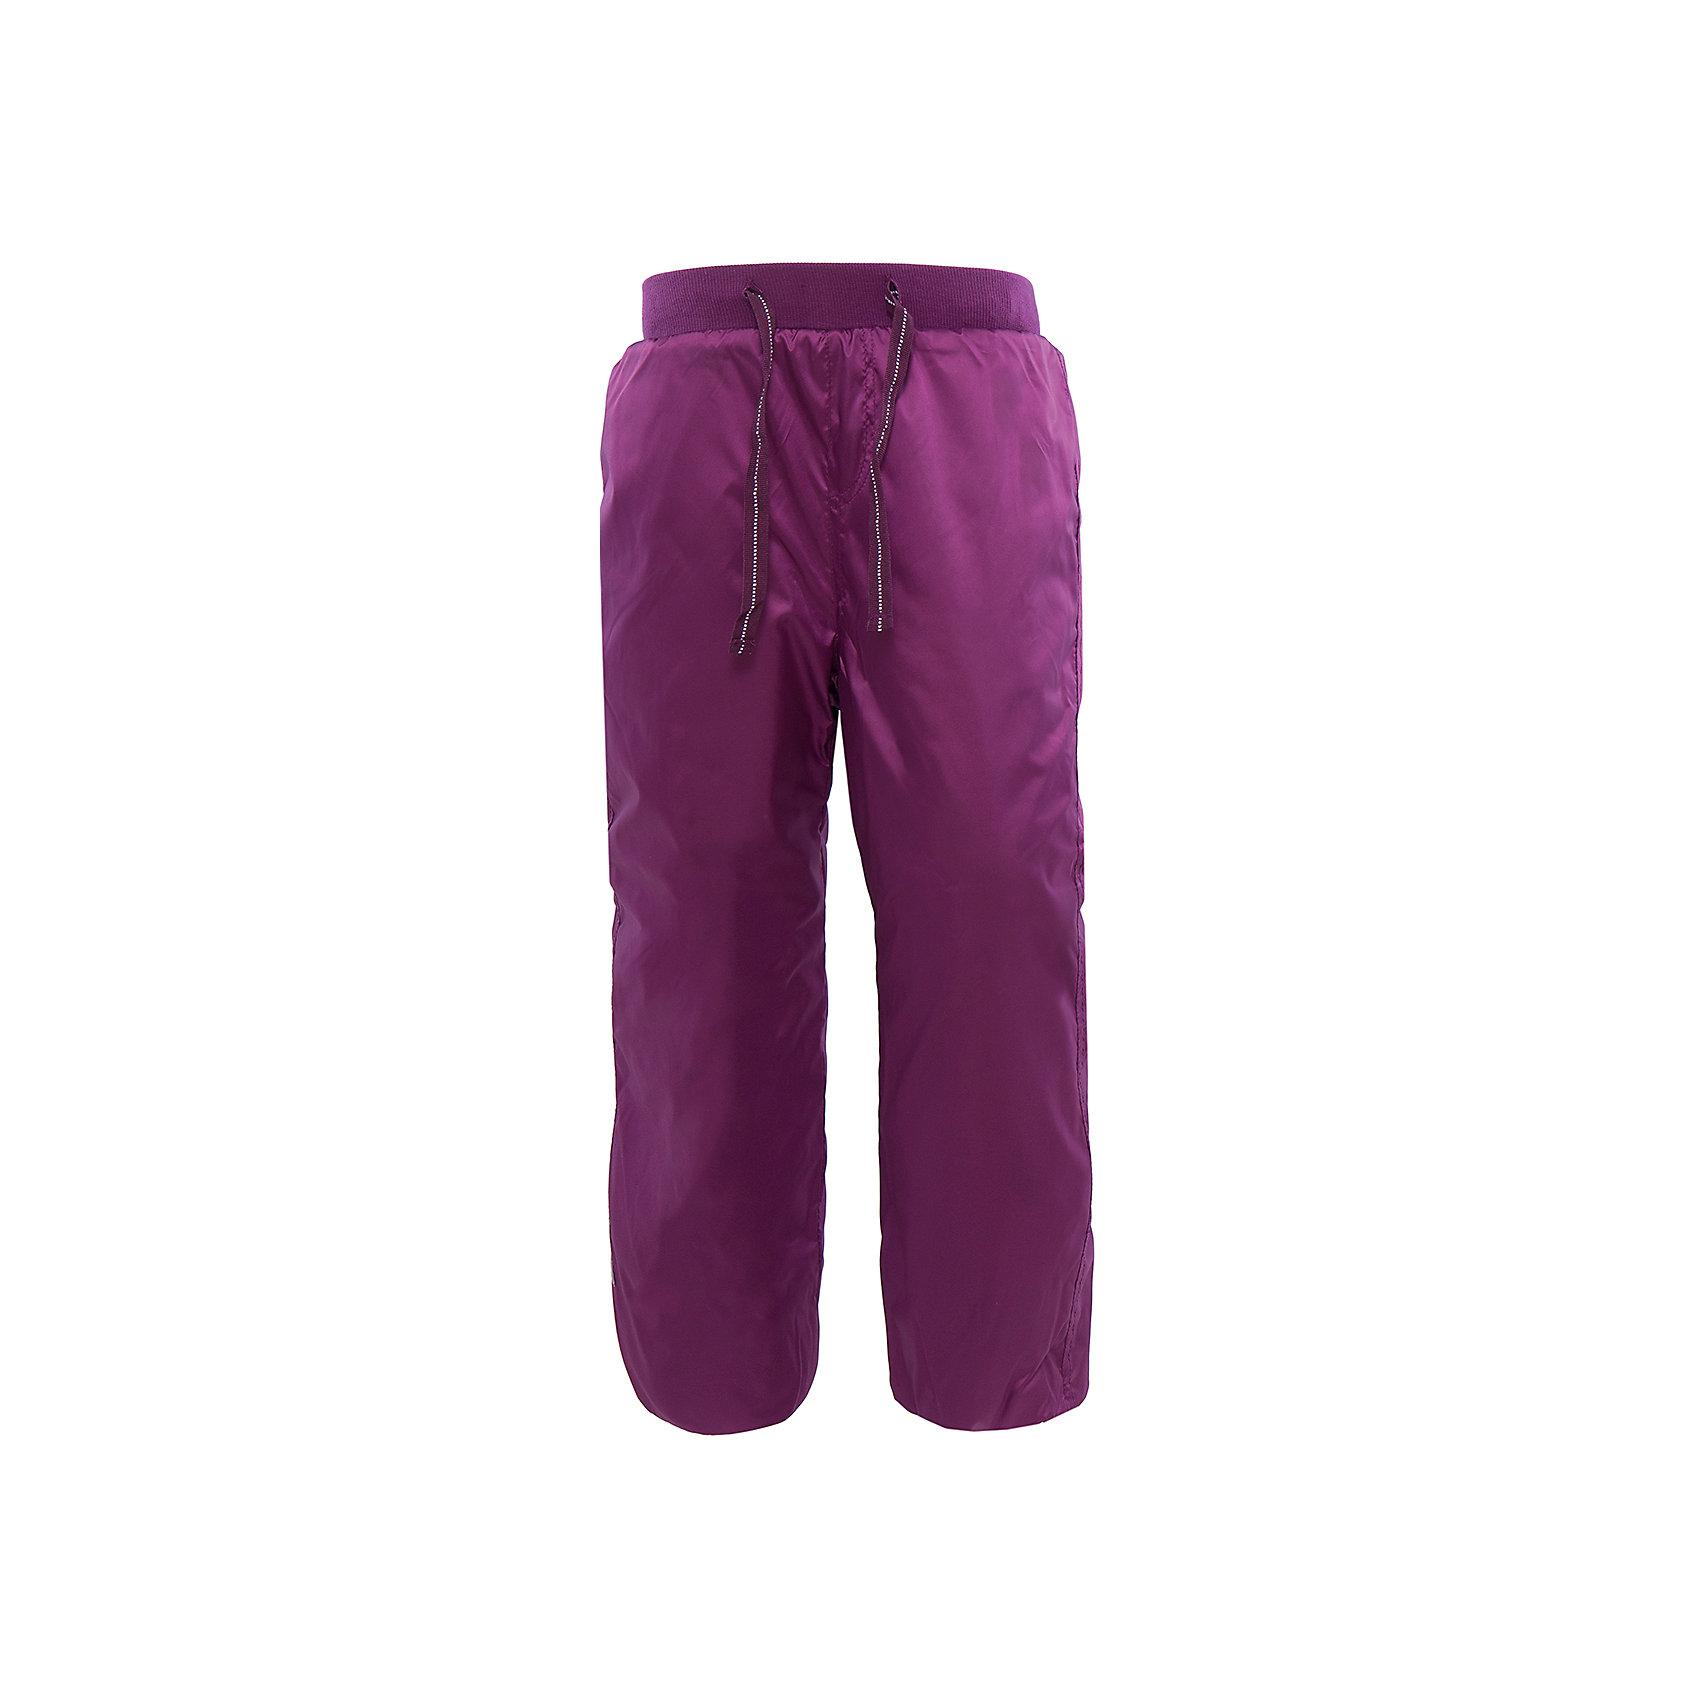 Брюки для девочки PlayTodayБрюки для девочки от известного бренда PlayToday.<br>Яркие утепленные брюки для девочки. Внутри уютная флисовая подкладка. Пояс на резинке, дополнительно регулируется тесьмой. Низ штанишек на резинке.<br>Состав:<br>Верх: 100% полиэстер, подкладка: 100% полиэстер<br><br>Ширина мм: 215<br>Глубина мм: 88<br>Высота мм: 191<br>Вес г: 336<br>Цвет: красный<br>Возраст от месяцев: 36<br>Возраст до месяцев: 48<br>Пол: Женский<br>Возраст: Детский<br>Размер: 104,122,98,116,110,128<br>SKU: 4896938